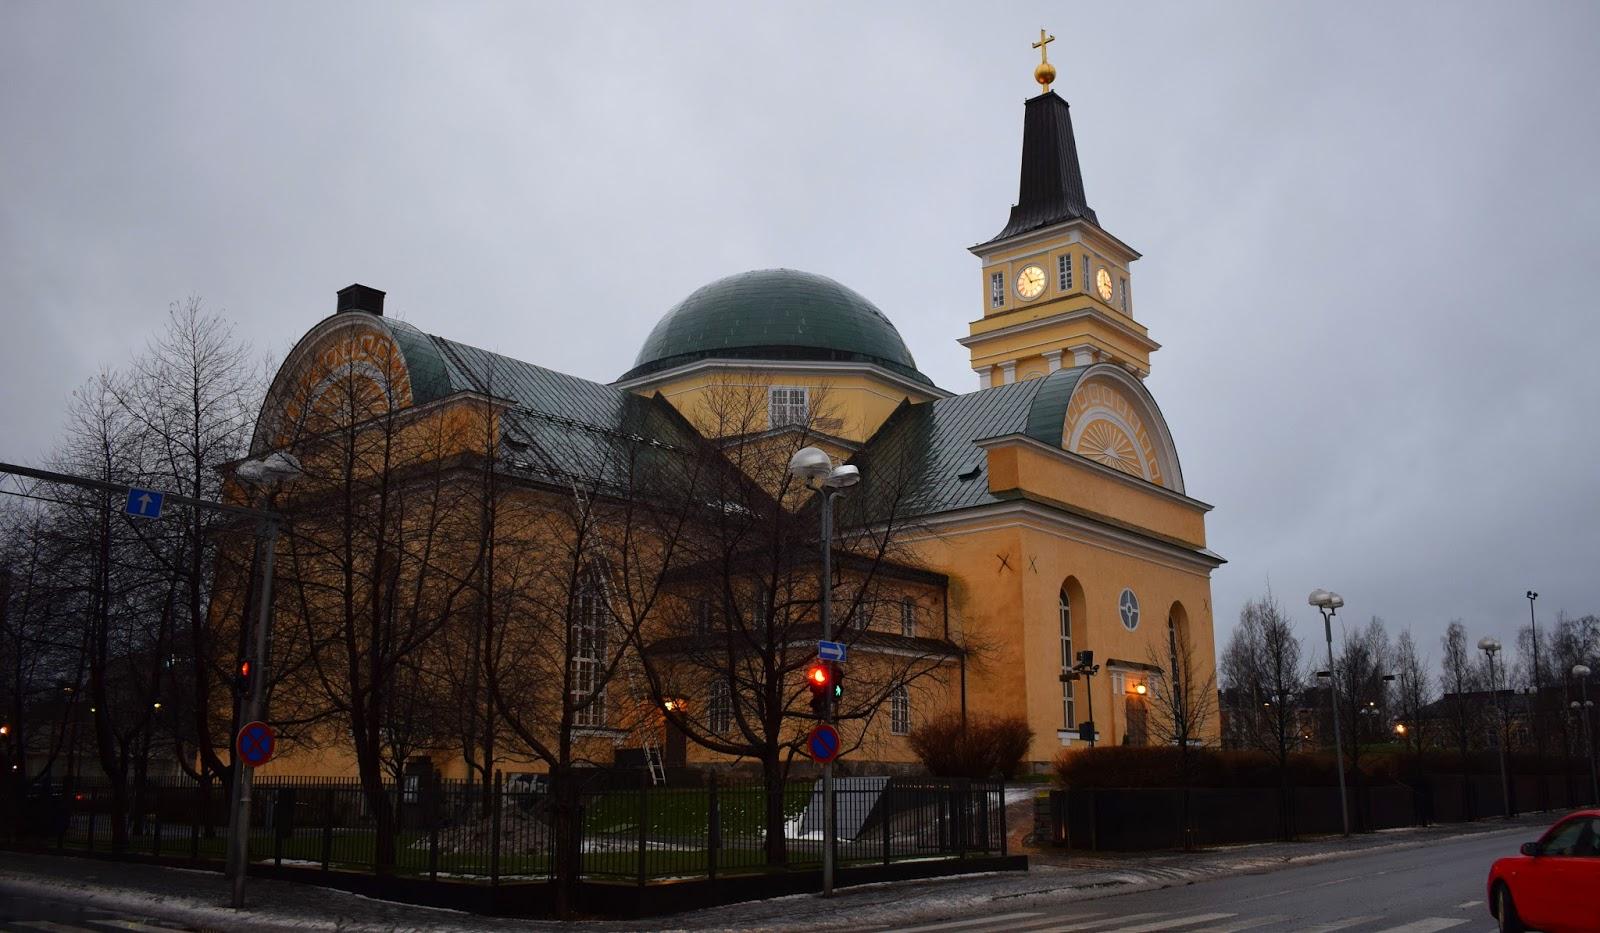 oulu suomi oulun kirkko tuomiokirkko kotimaanmatkailu matkailu matkustaminen